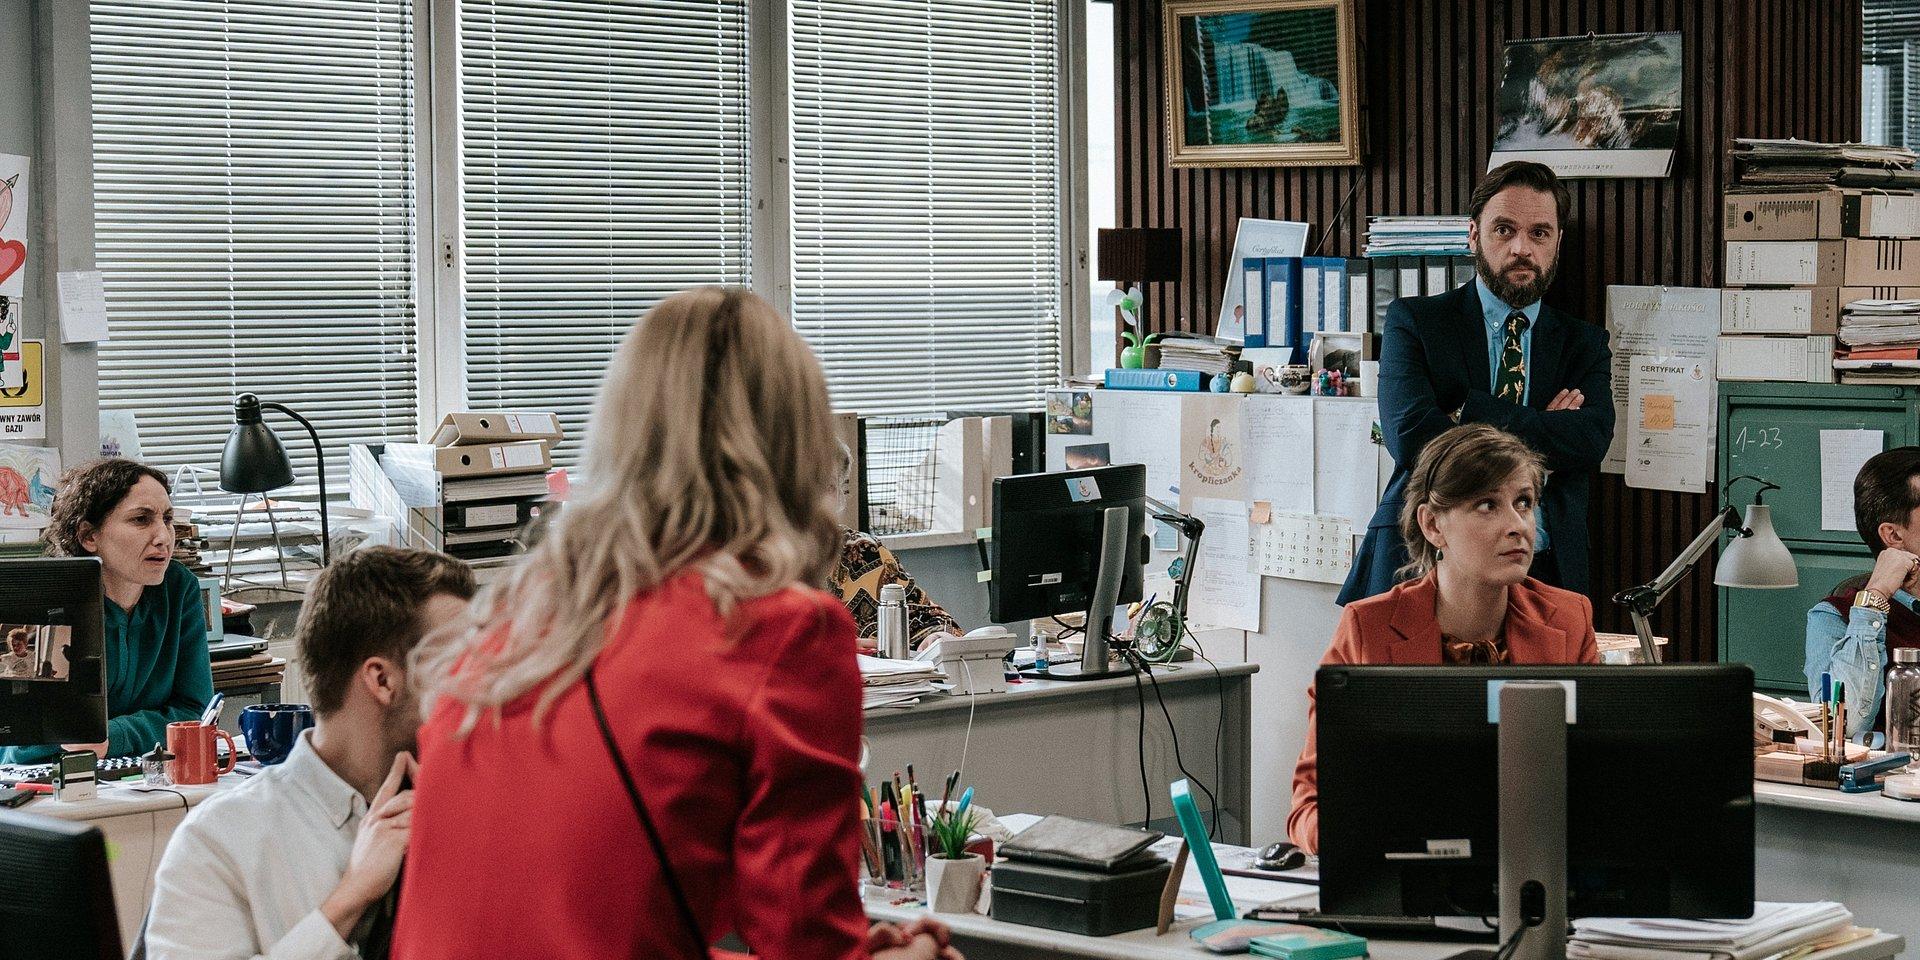 CANAL+ prezentuje: 10 powodów, dla których musisz obejrzeć THE OFFICE PL. Premiera serialu już 22 października.